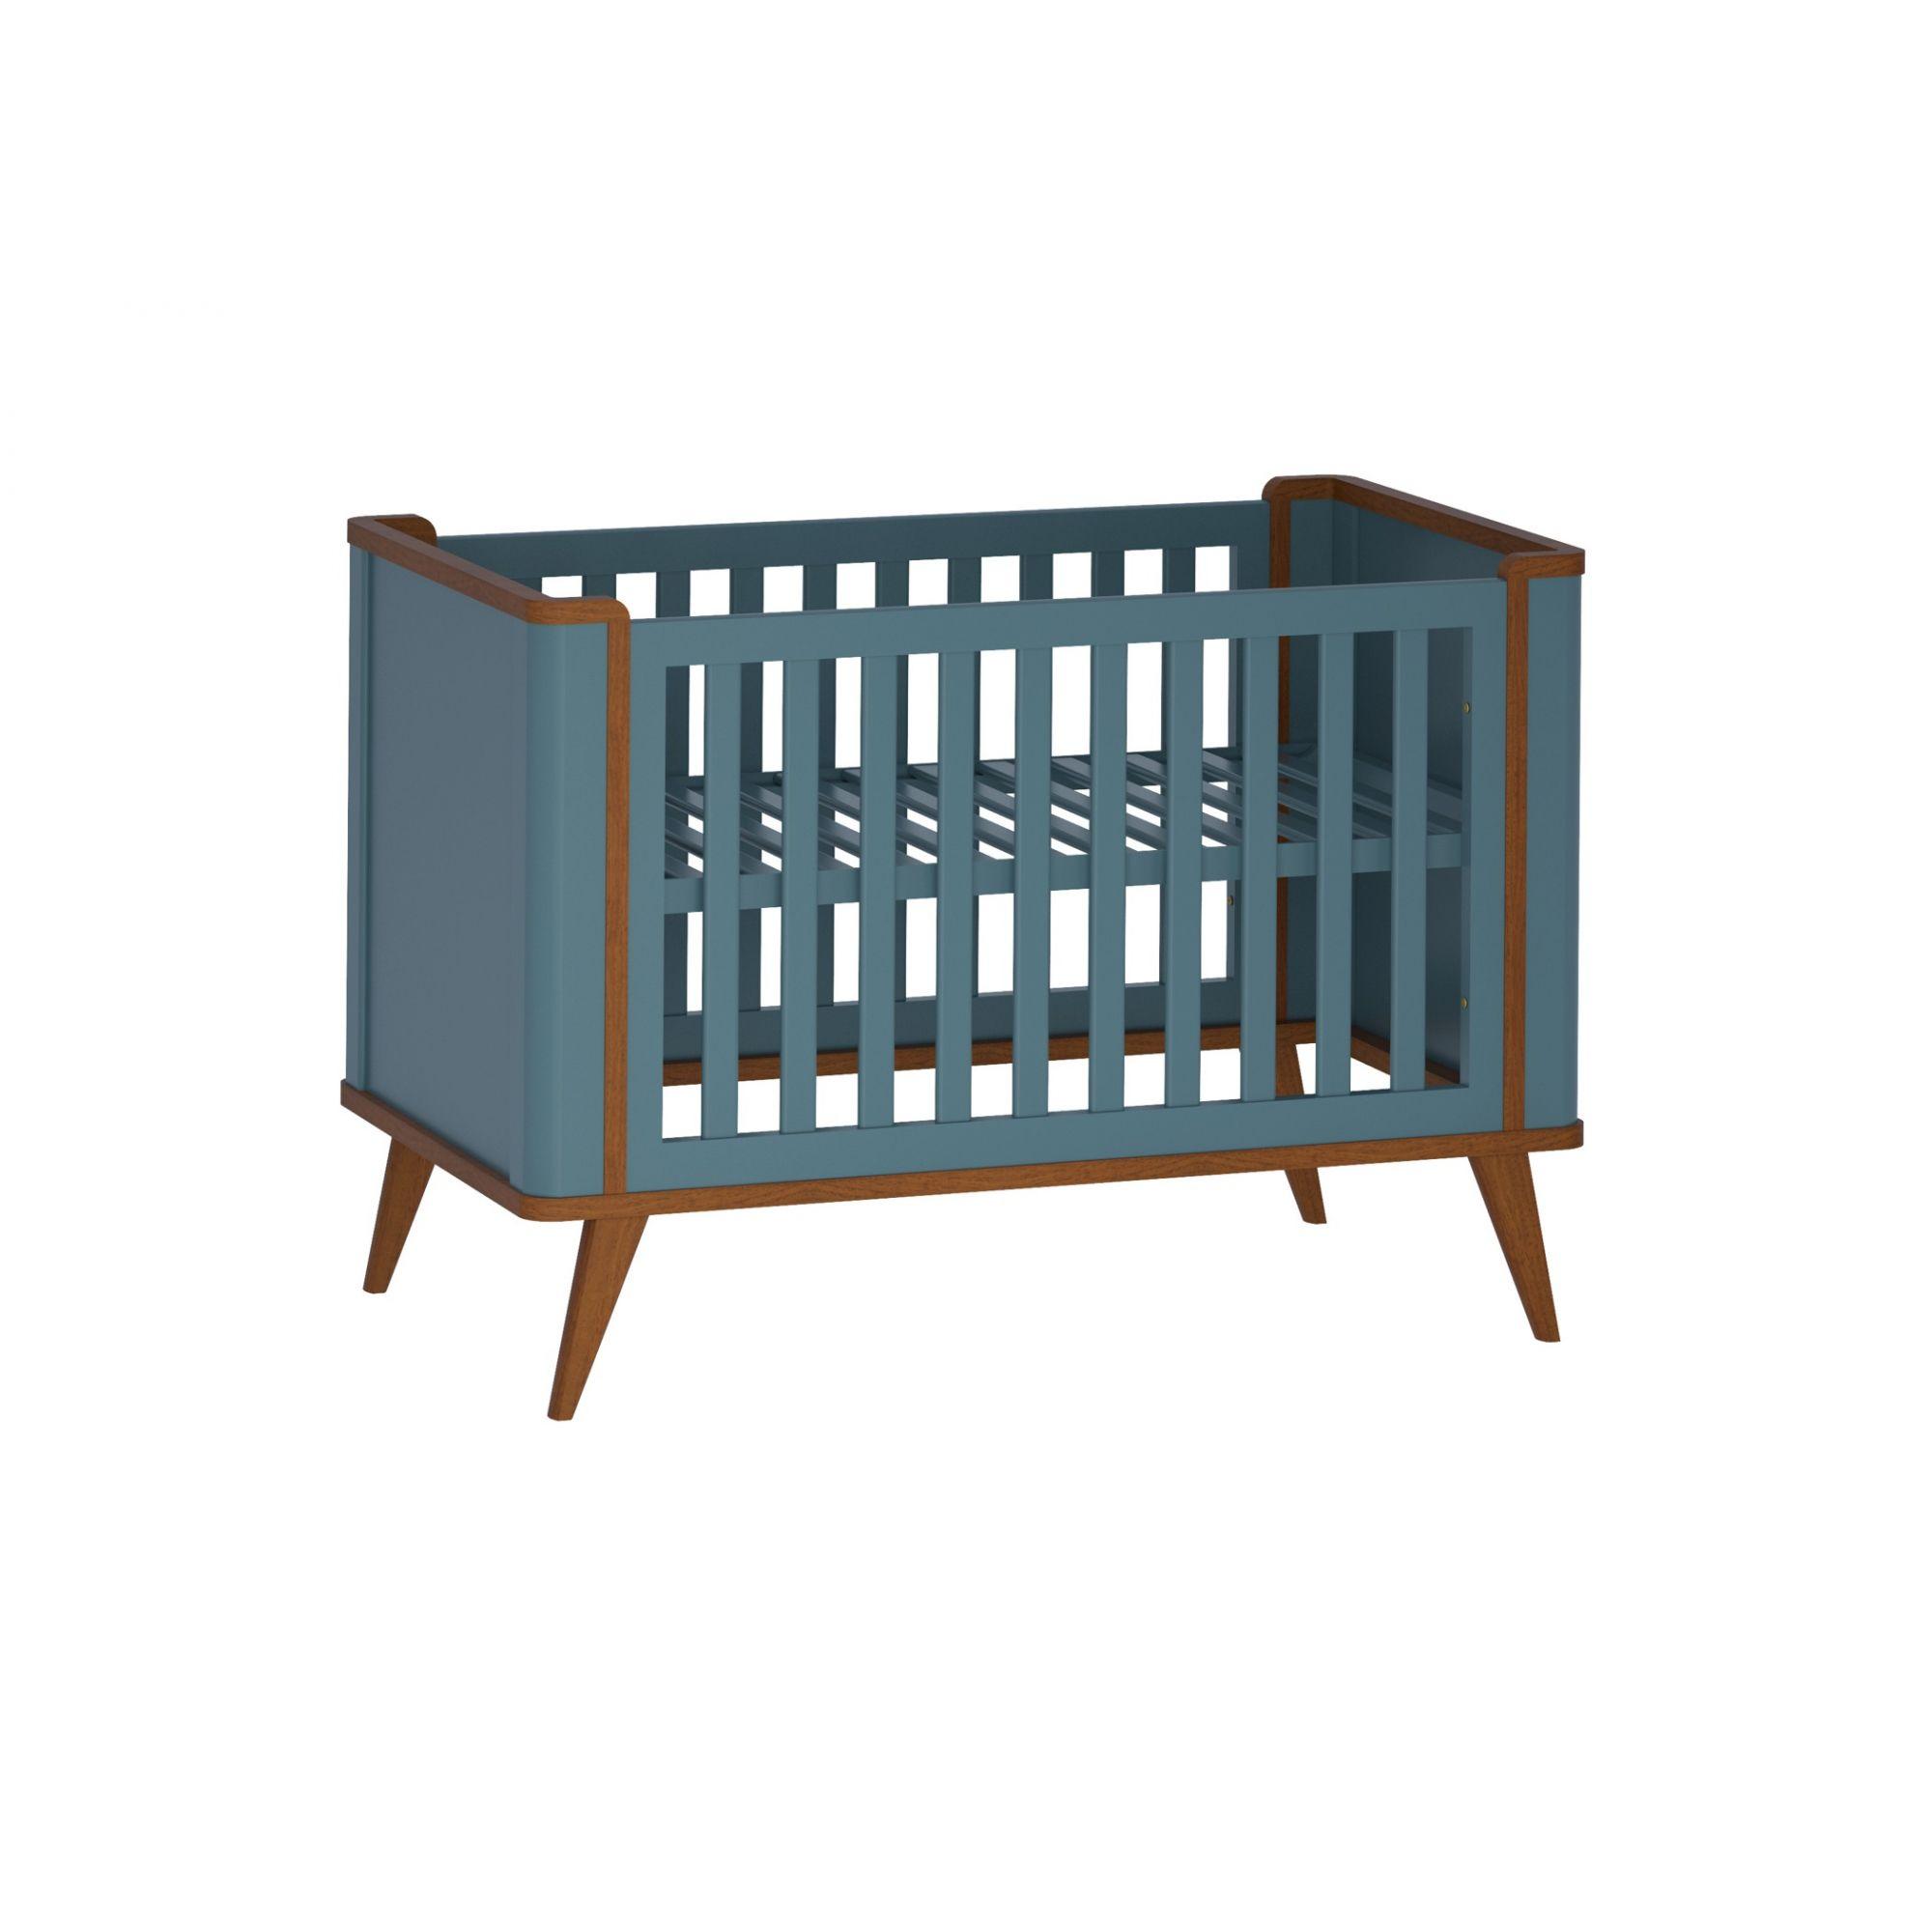 Berço Infantil Bella com Grade Fixa - Anti Refluxo - Euclar - Azul Petroleo